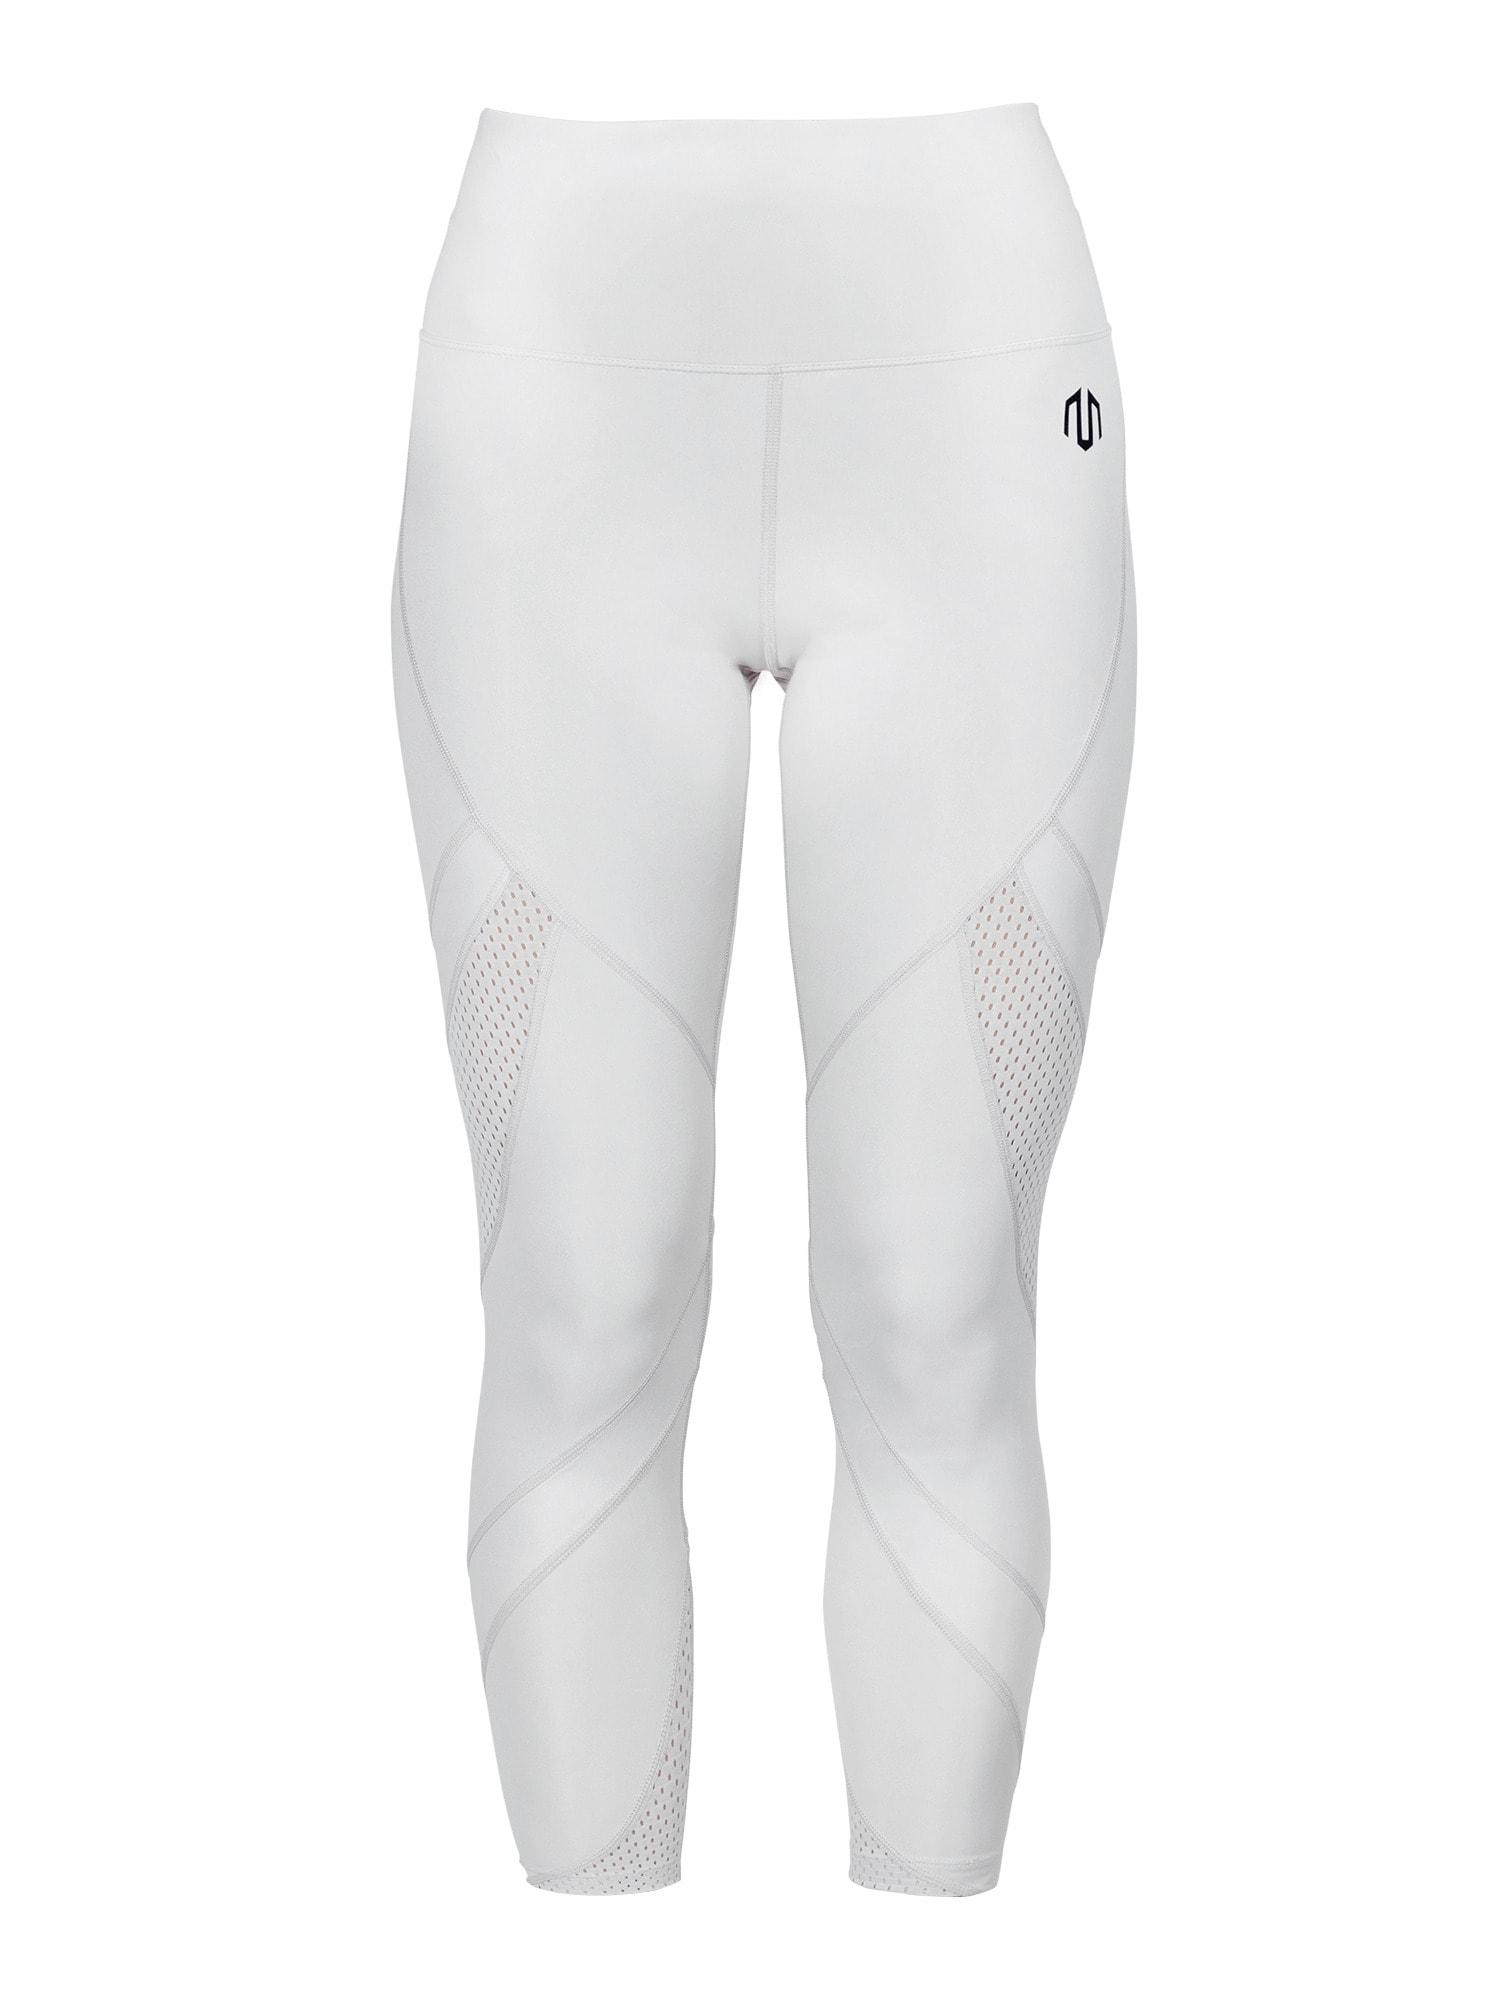 MOROTAI Sportinės kelnės šviesiai pilka